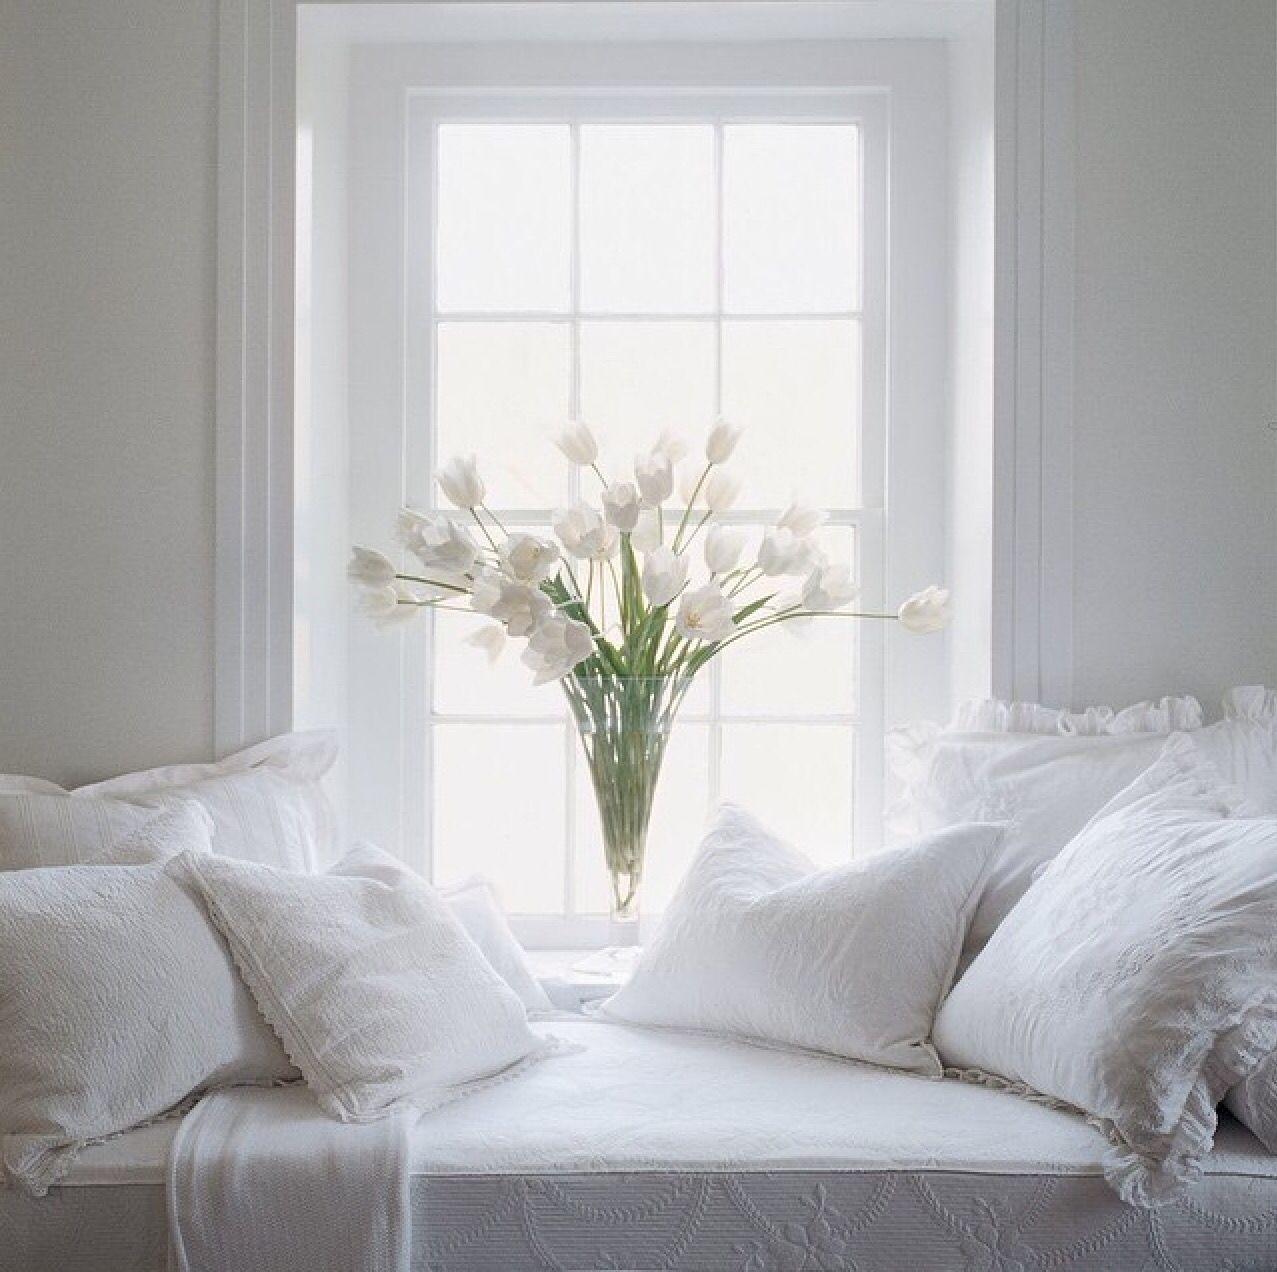 Badezimmer dekor bei kohls ralph lauren  weiße wohnzimmer  pinterest  neutrale farbe